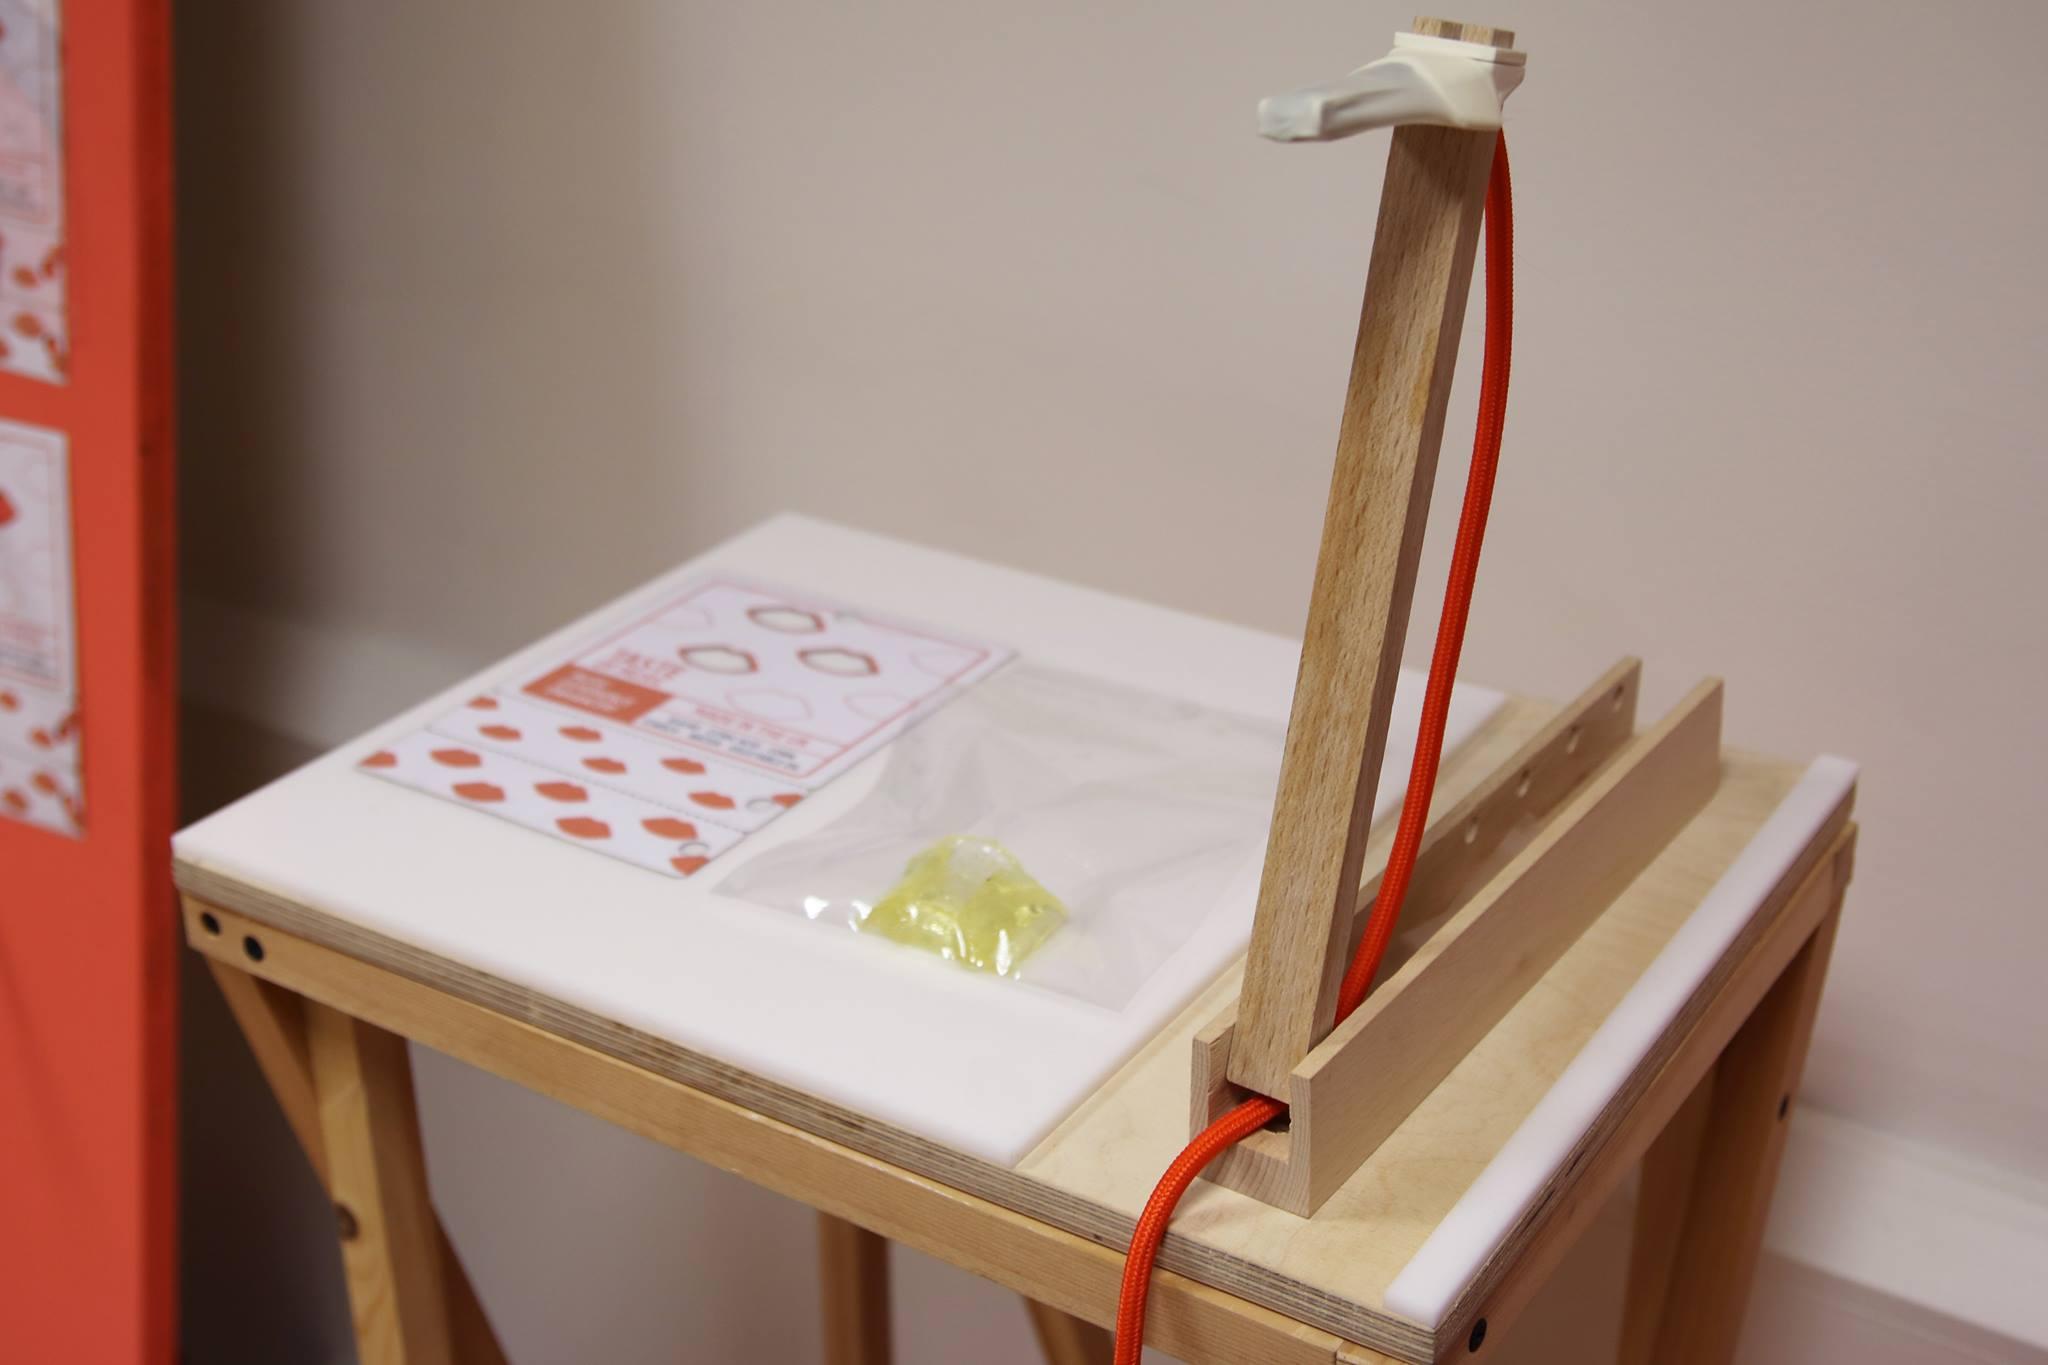 Bone-conductive device